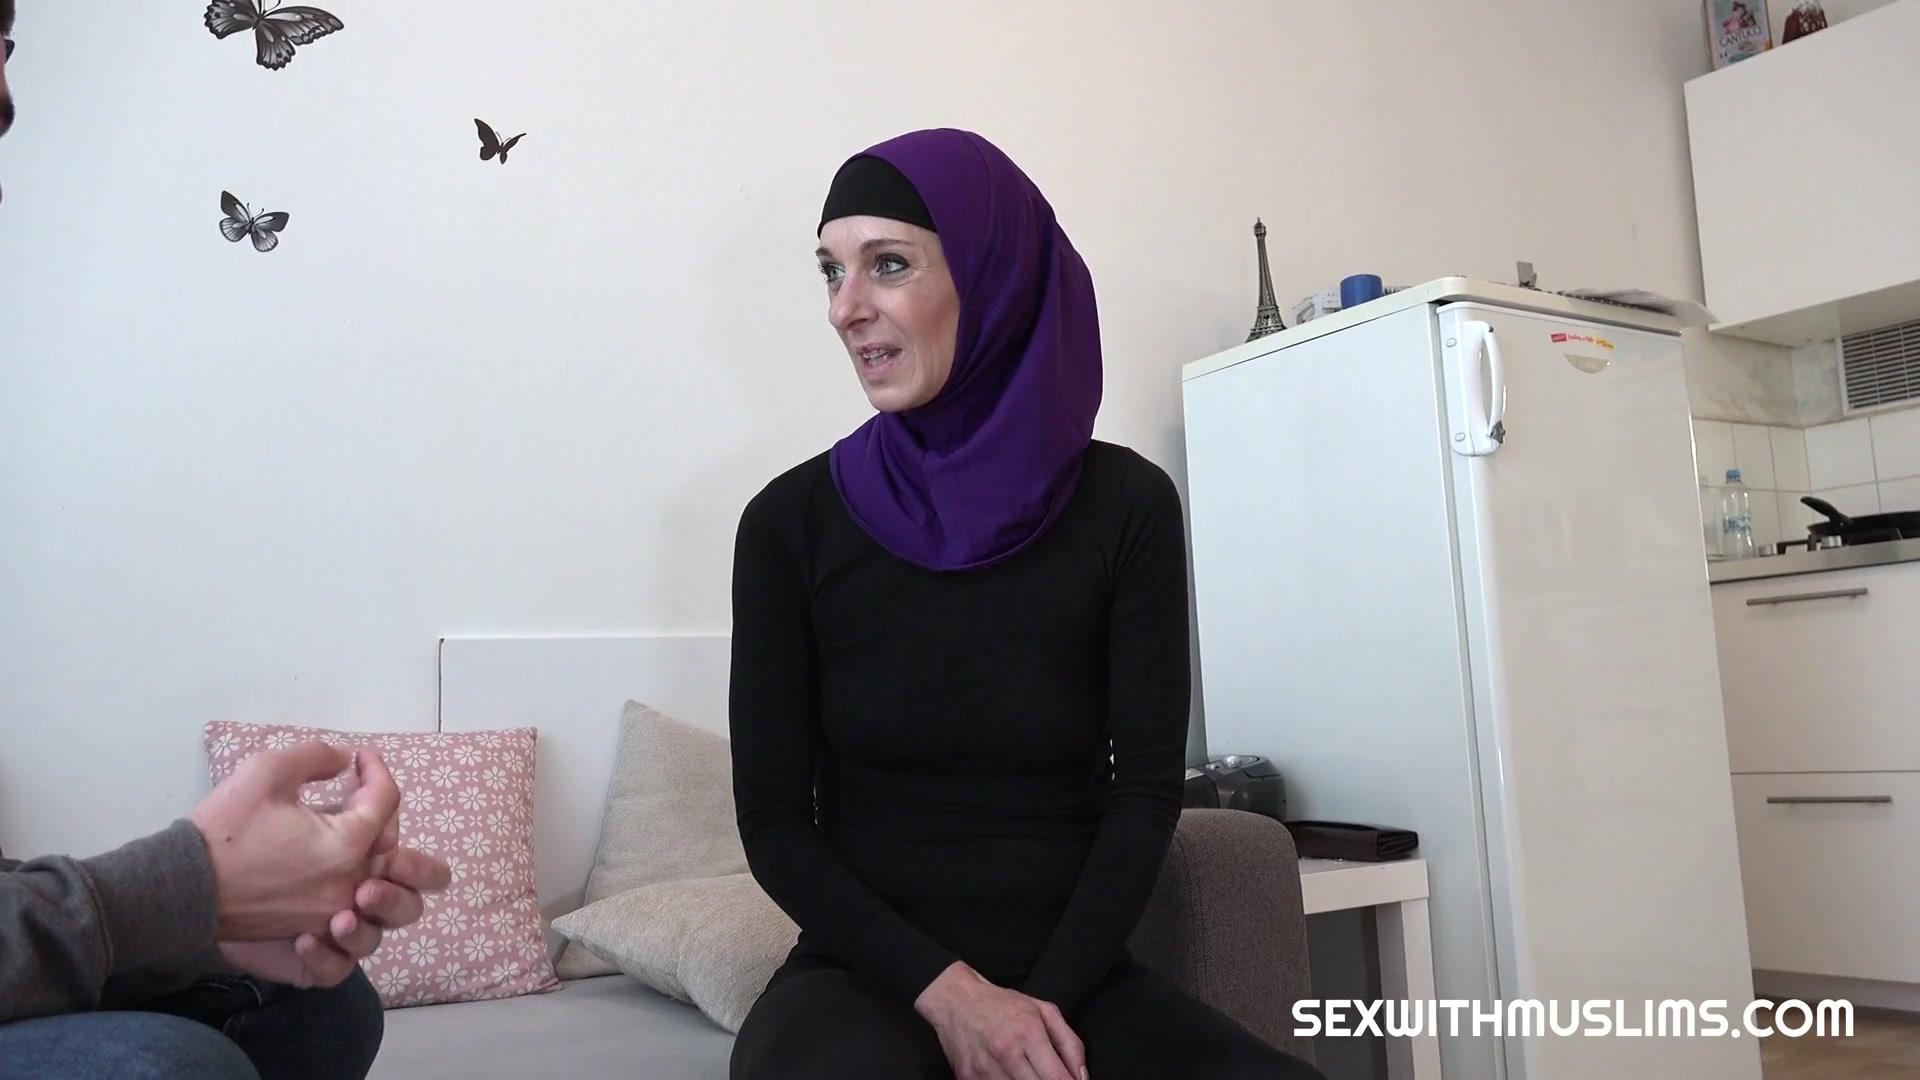 Женщина в хиджабе не только дрочит, но и дает